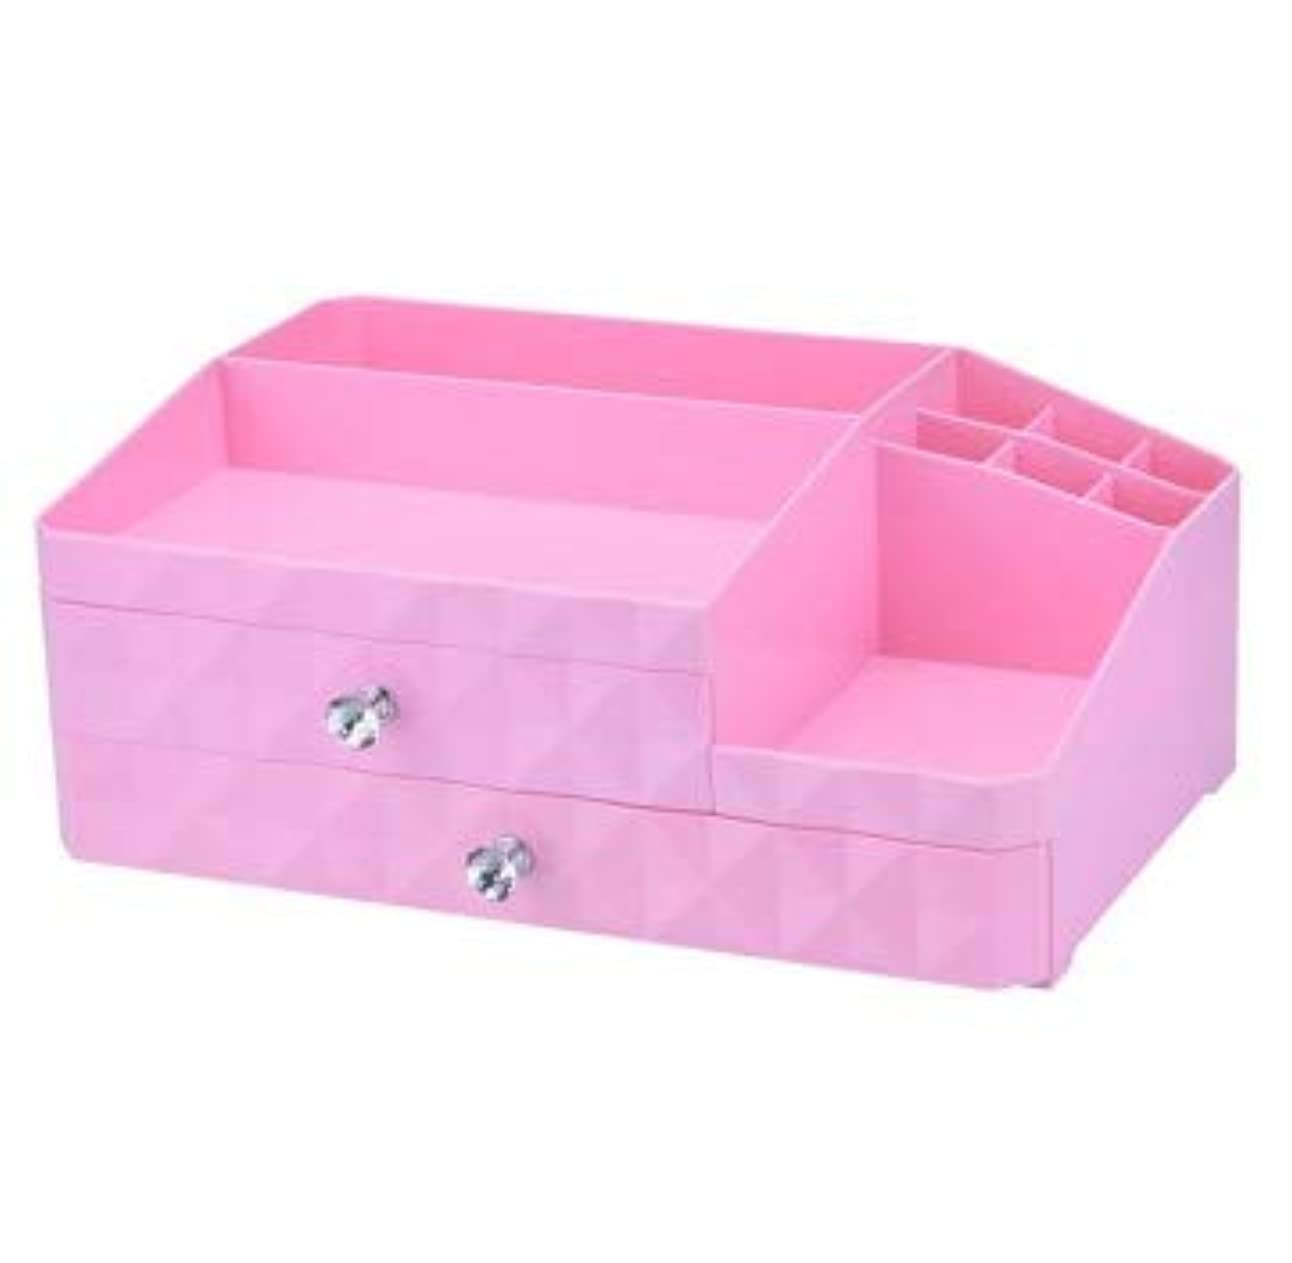 出費第二に癒すデスクトップジュエリーボックス引き出し化粧品収納ボックス三層プラスチック仕上げボックス (Color : ピンク)